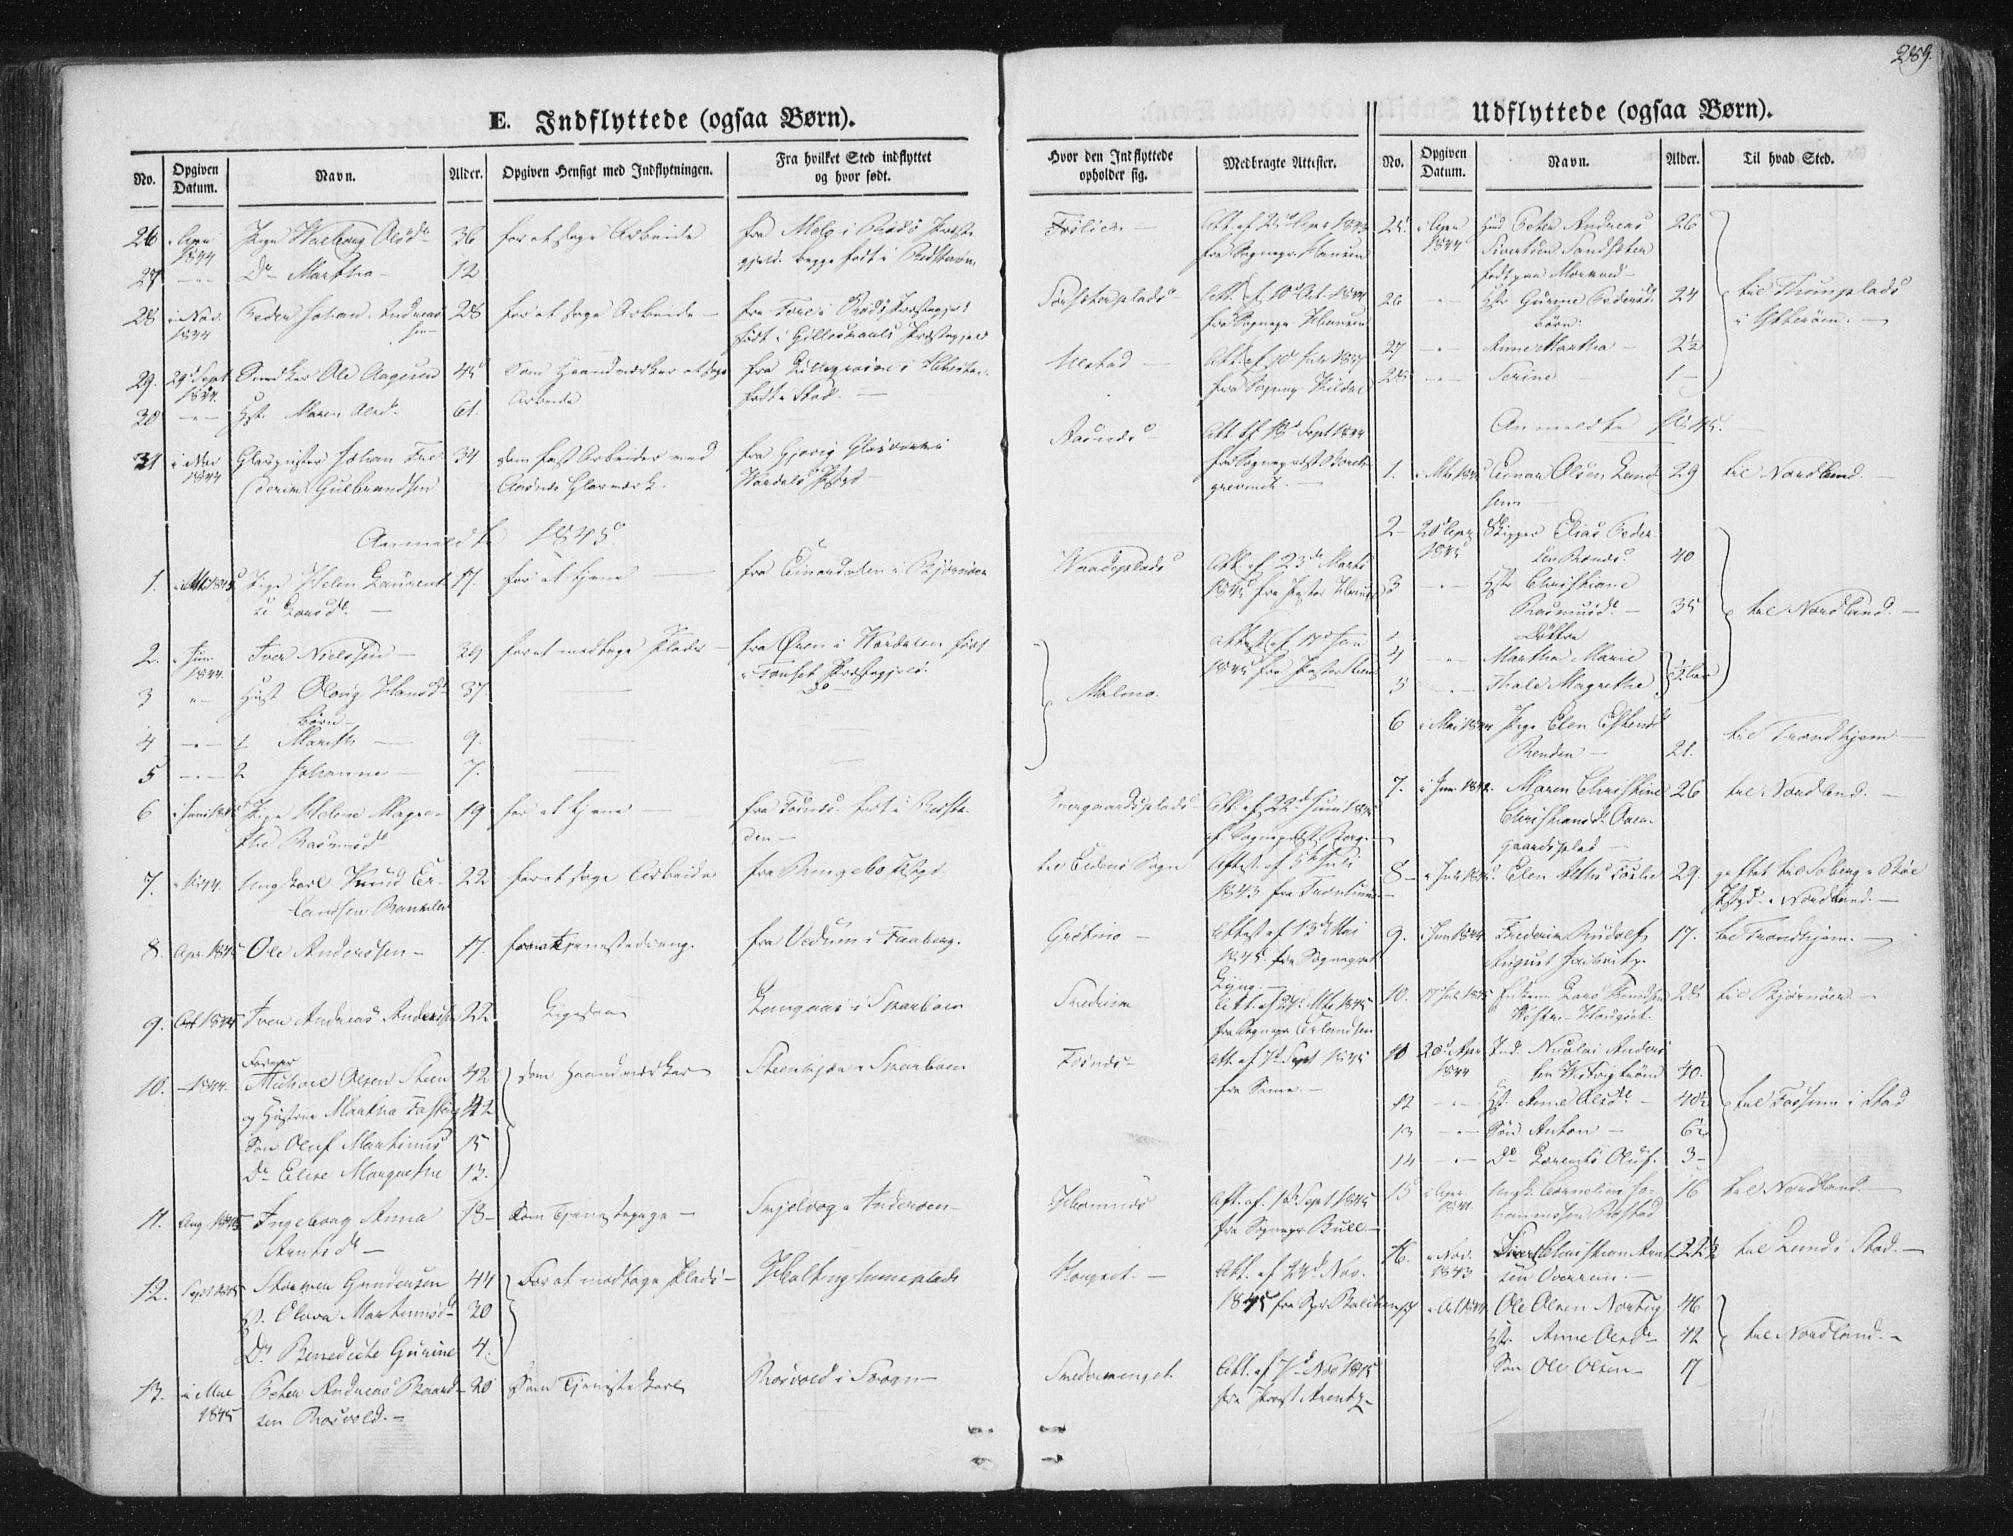 SAT, Ministerialprotokoller, klokkerbøker og fødselsregistre - Nord-Trøndelag, 741/L0392: Ministerialbok nr. 741A06, 1836-1848, s. 289